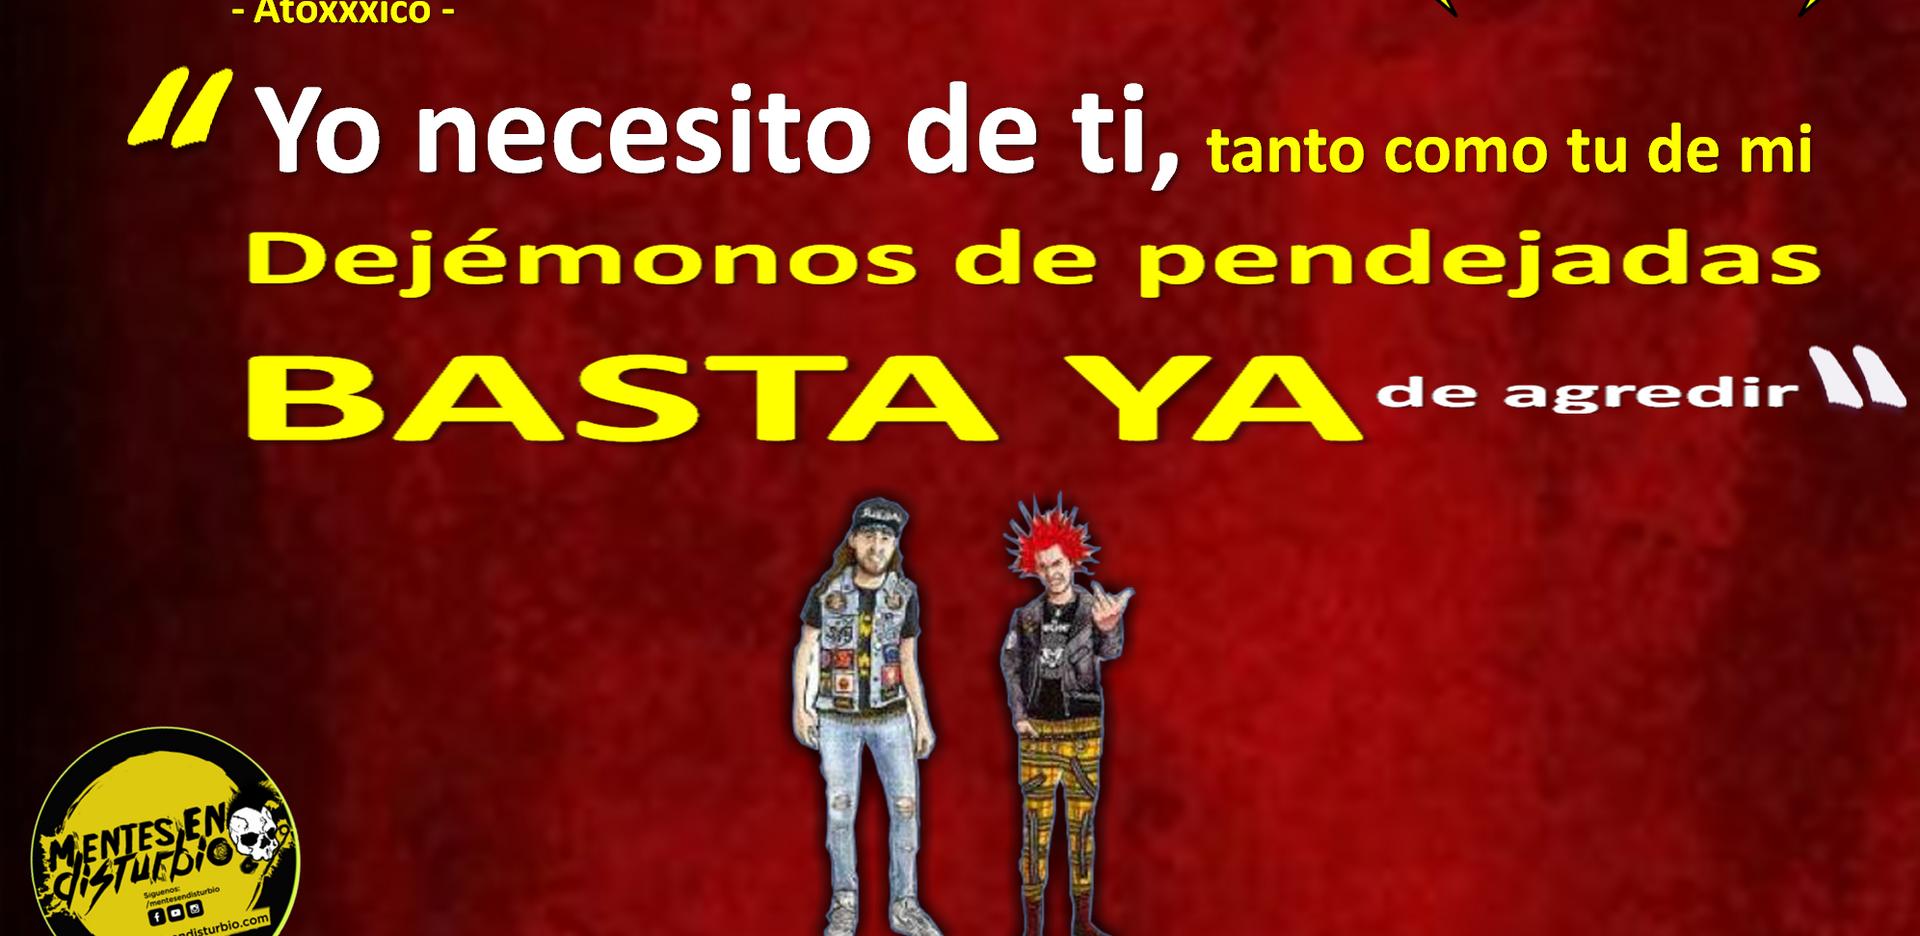 Atoxxxico